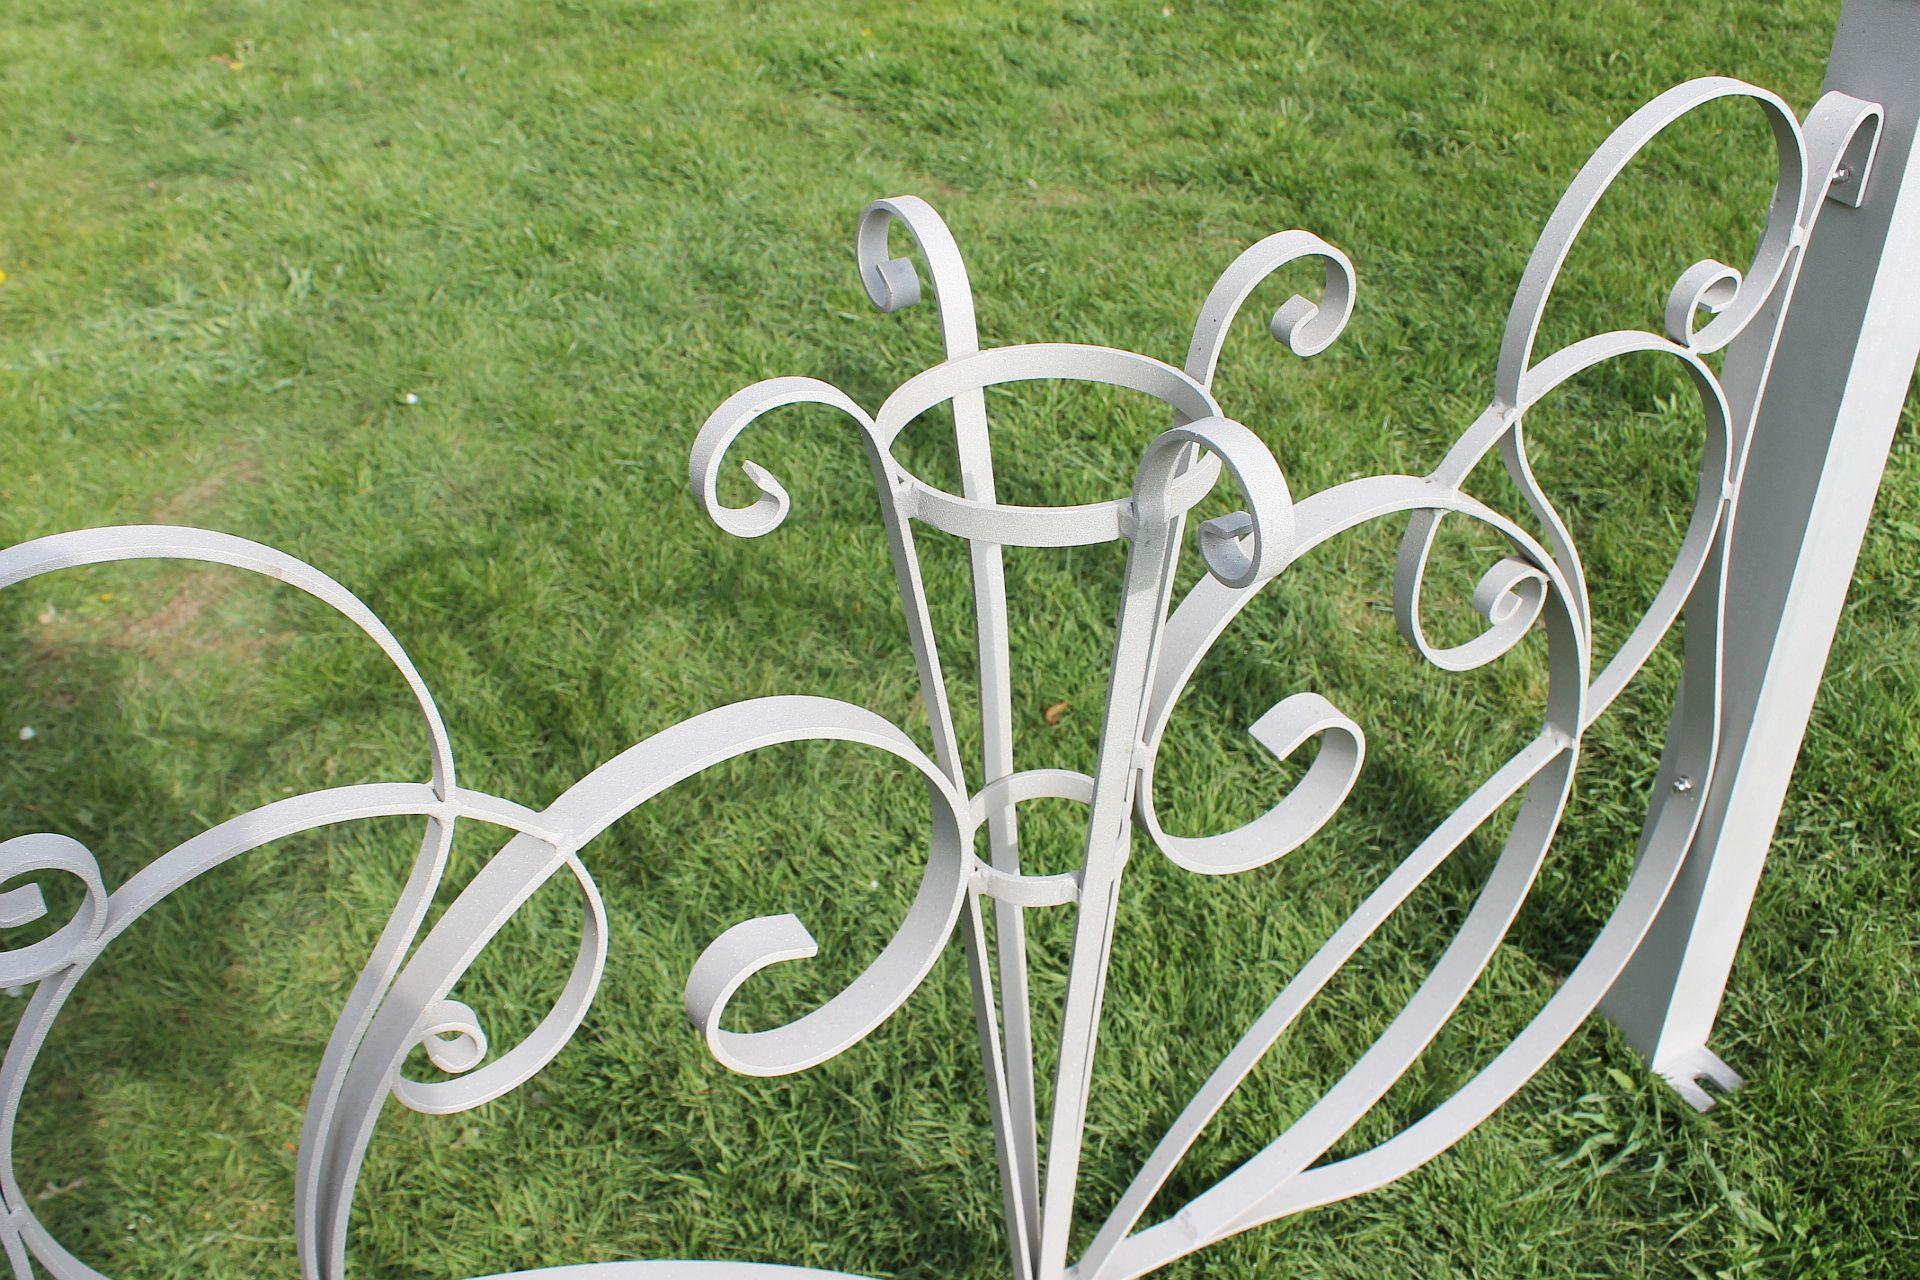 Zaunelement Alu Gartenzaun 102 cm Zaunelemente aus Aluminium Zaun